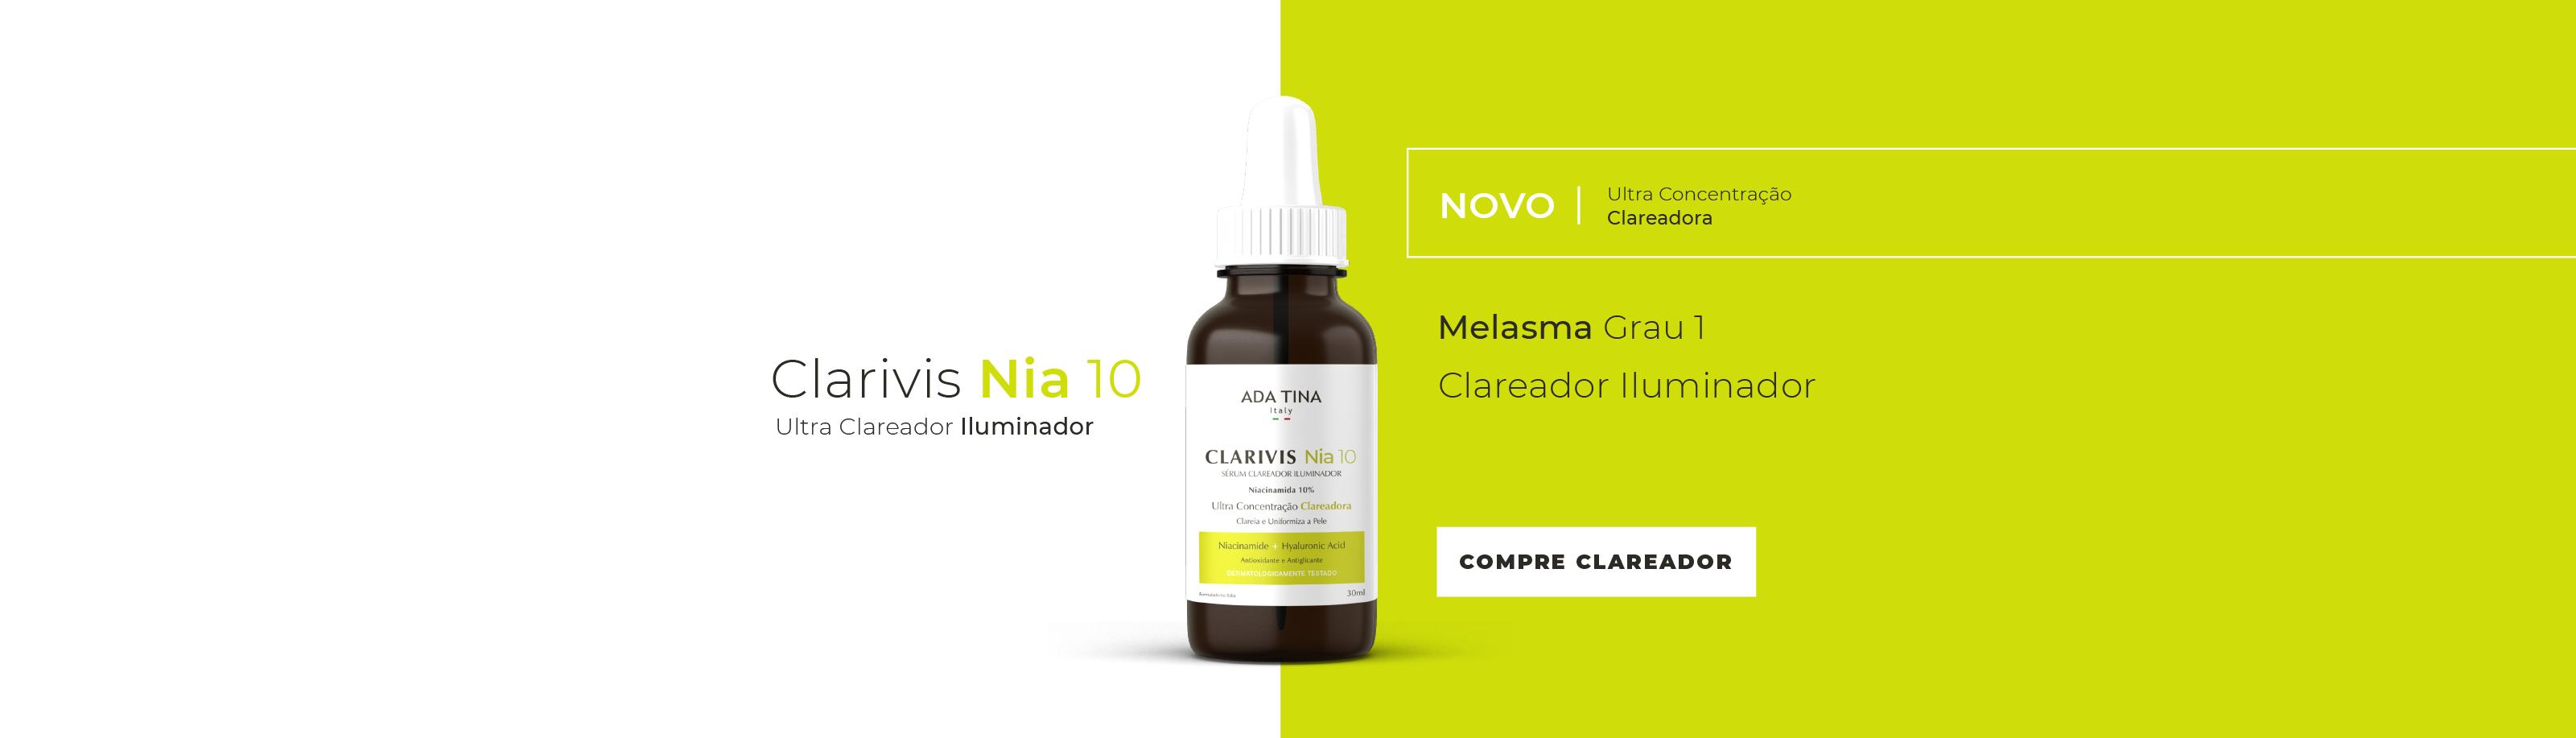 2 - CLARIVIS NIA 10  MOBILE